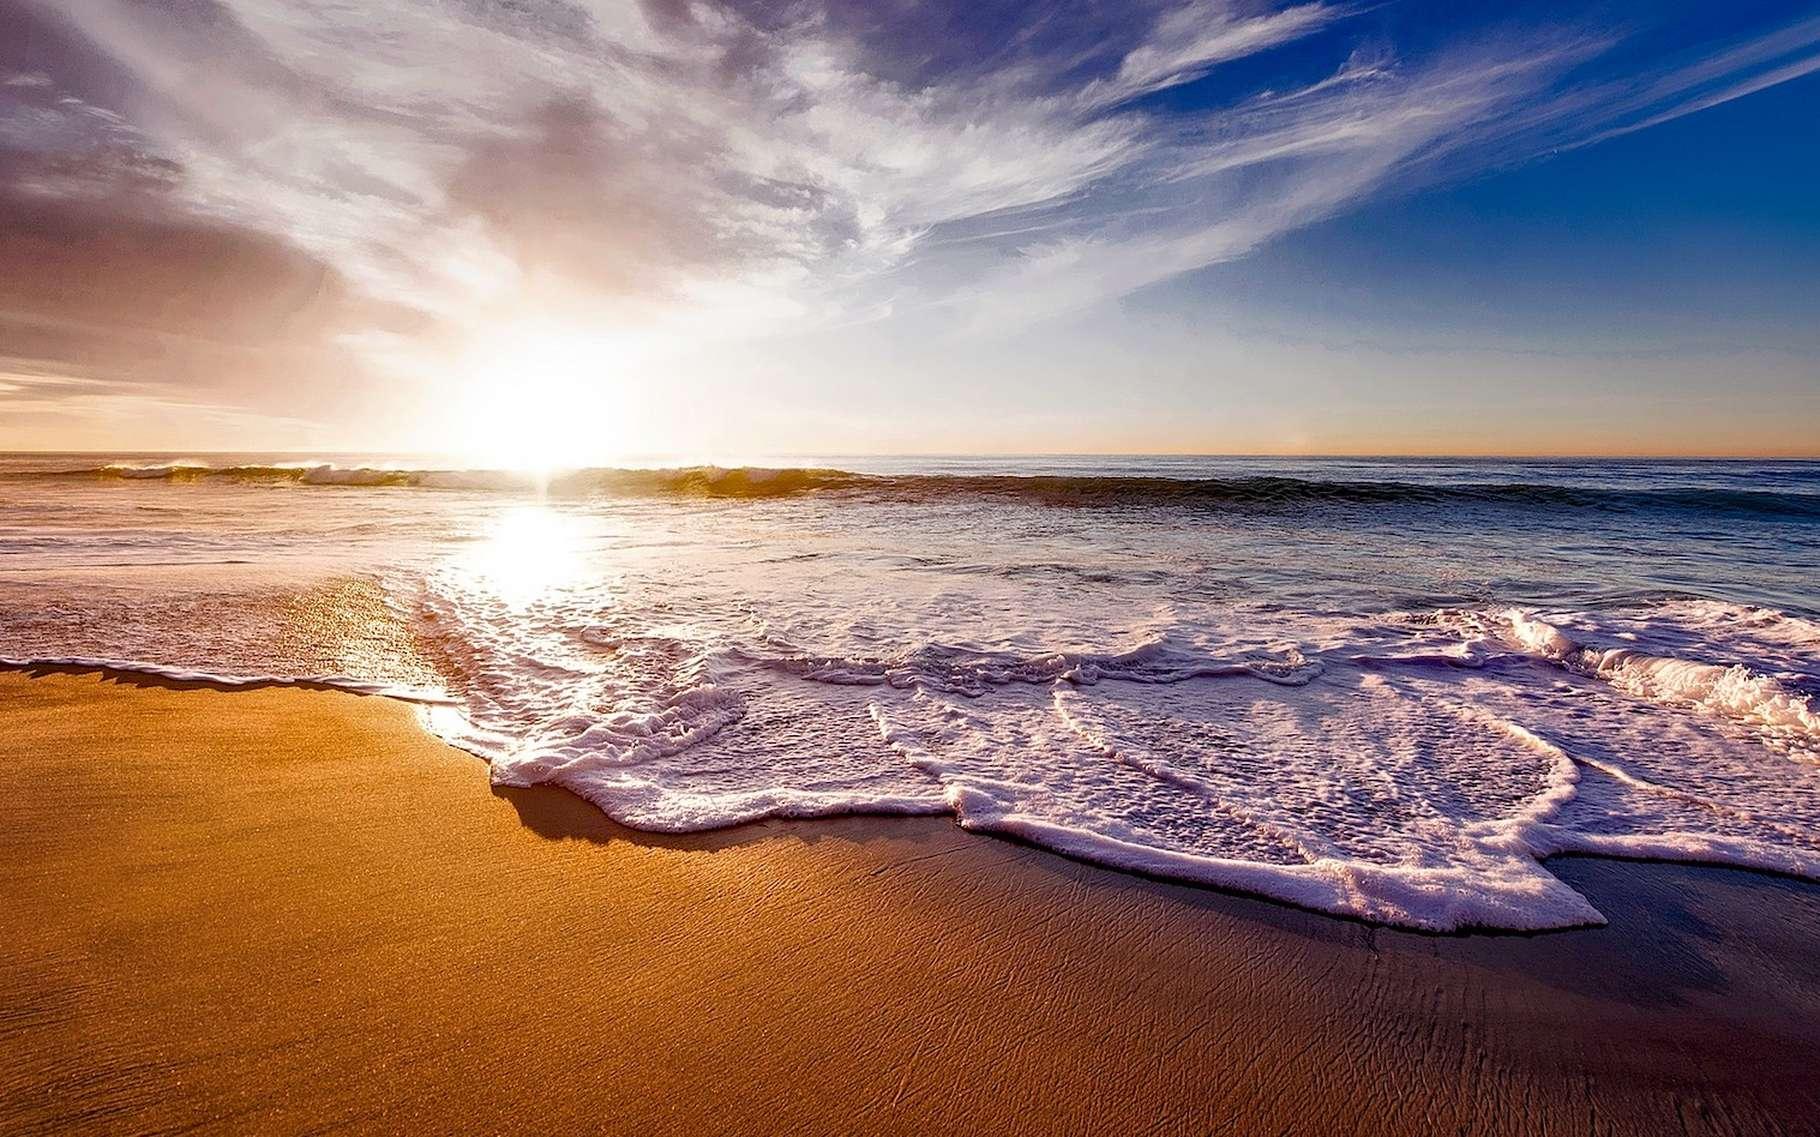 Reconstruire le niveau de la mer au cours de périodes chaudes du passé de notre Planète aide les chercheurs à prédire ce qui nous atteint en la matière à l'avenir. © 12019, Pixabay License